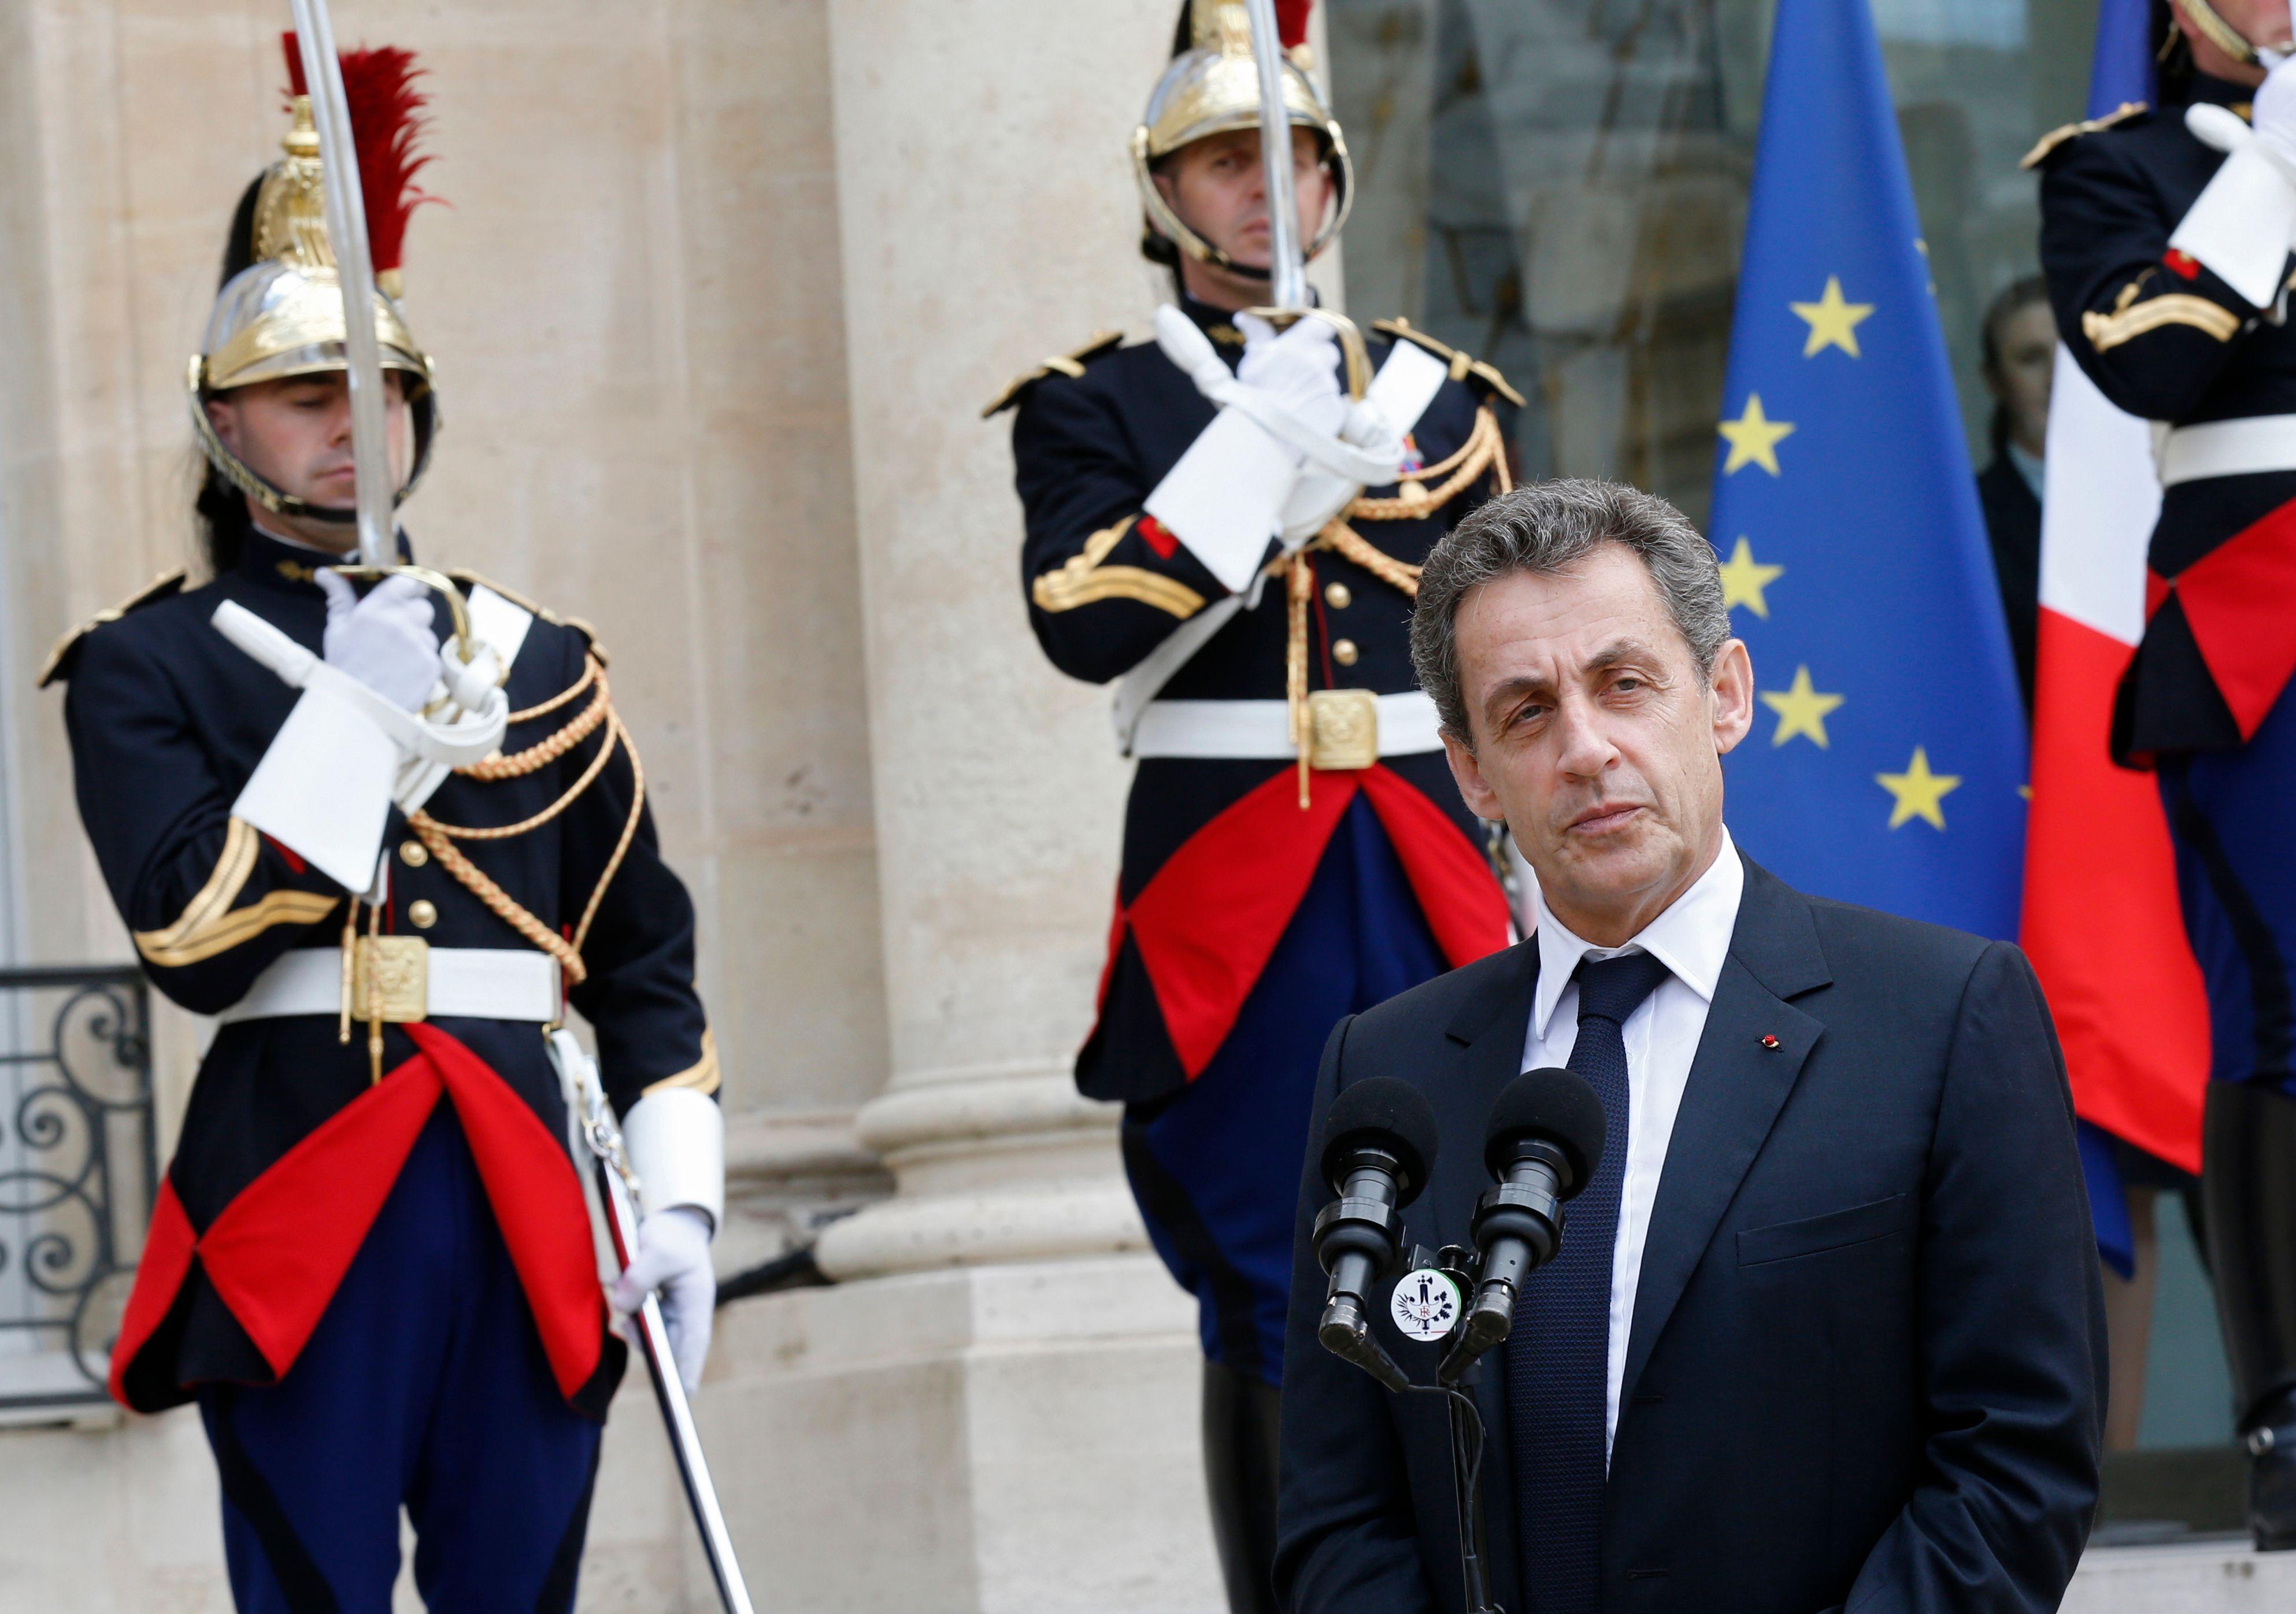 Dans les coulisses de l'équipe Sarkozy : pas de candidature avant la rentrée, mais une campagne tout l'été quand même